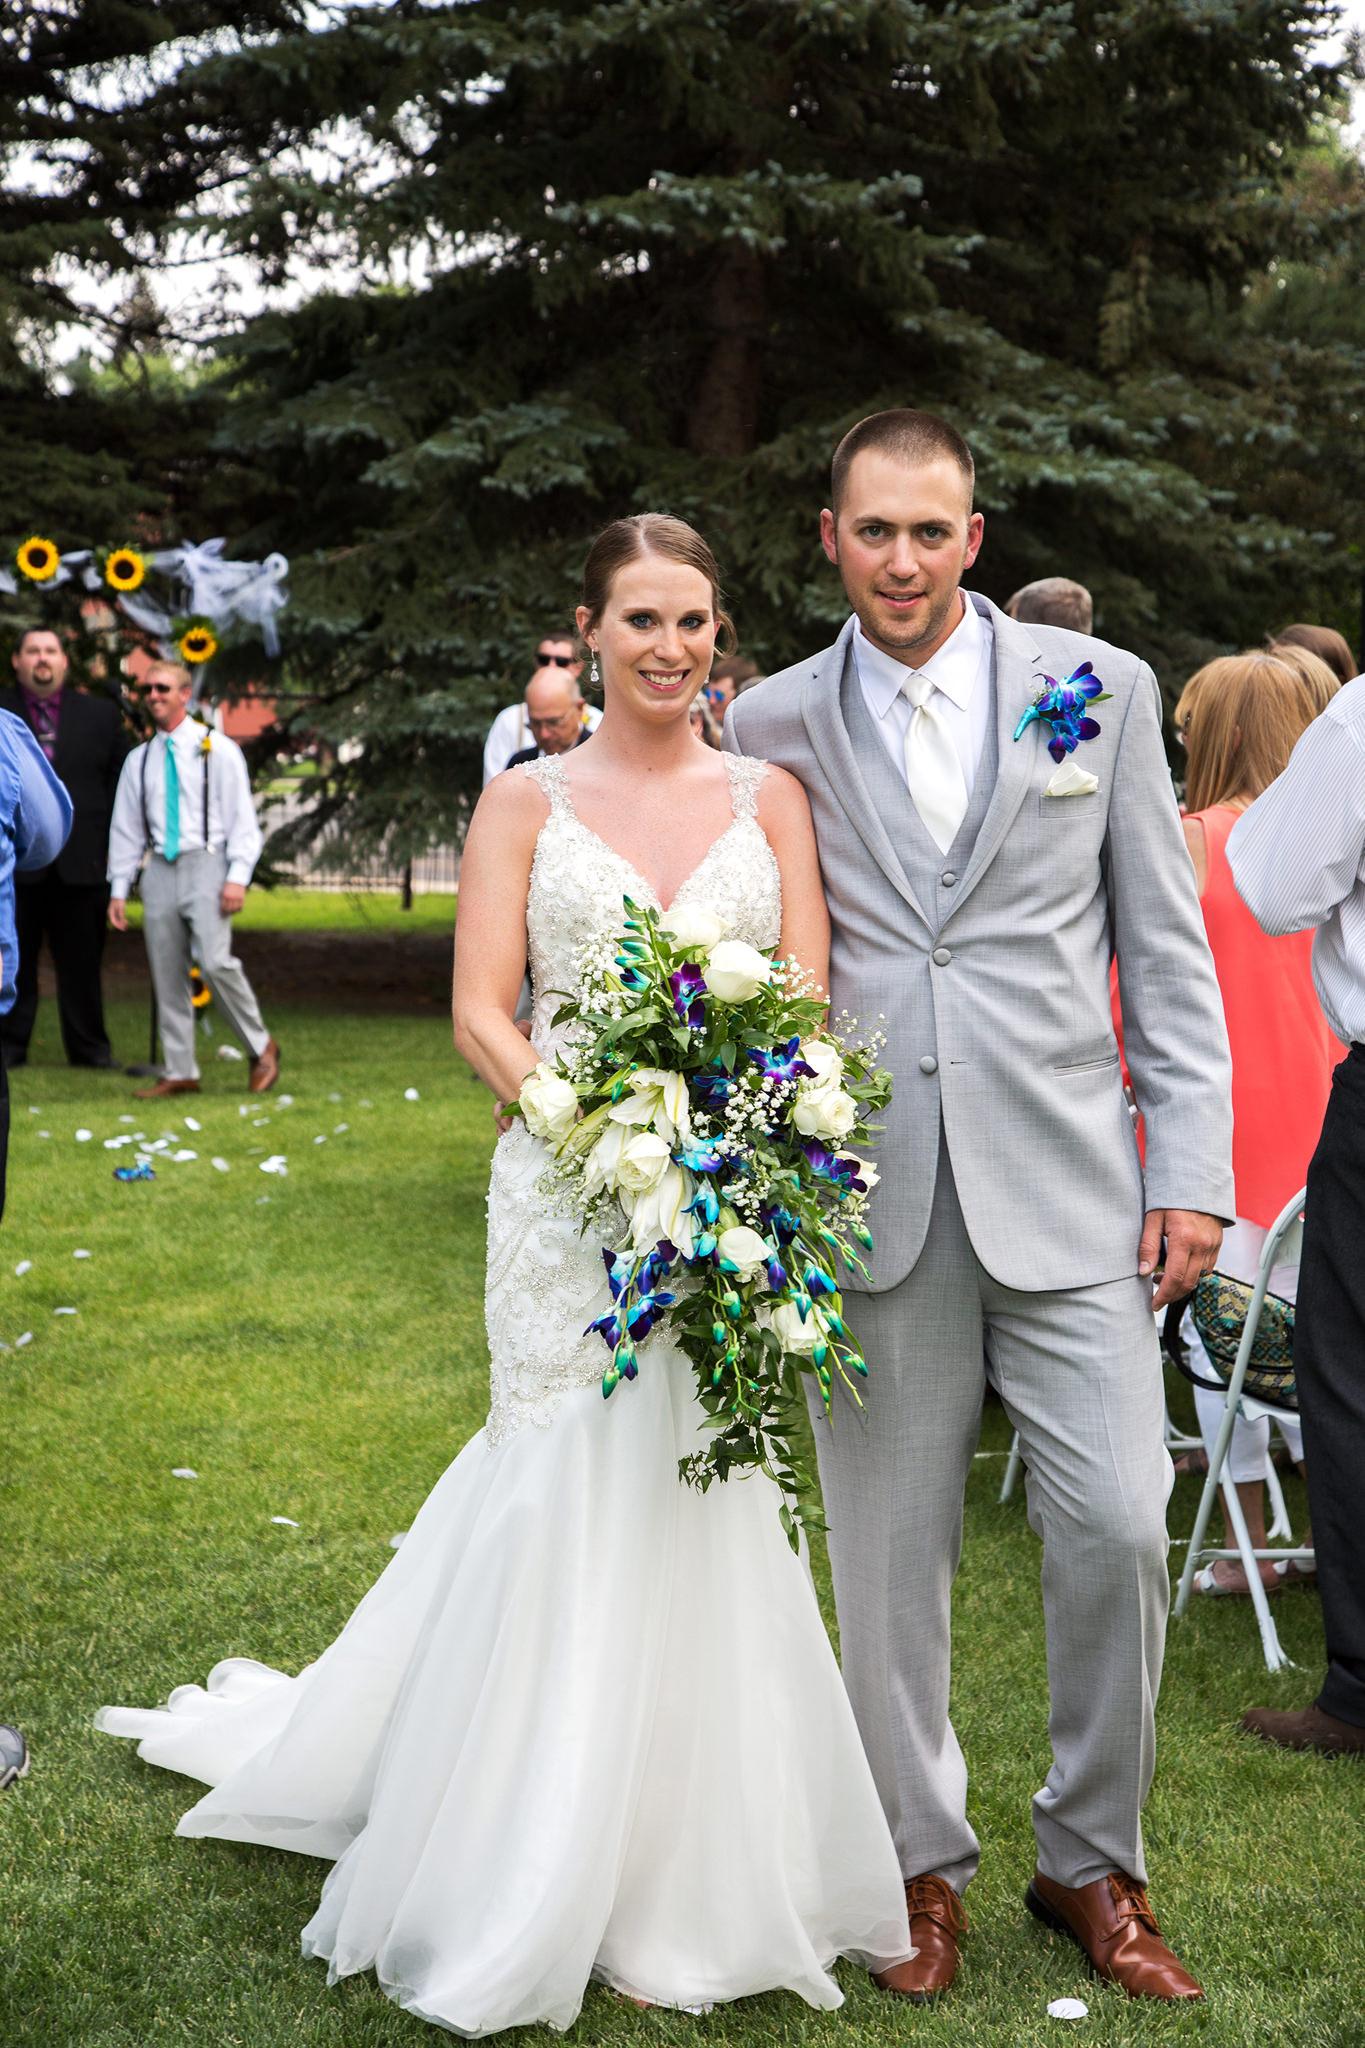 marchese_wedding_466 copy